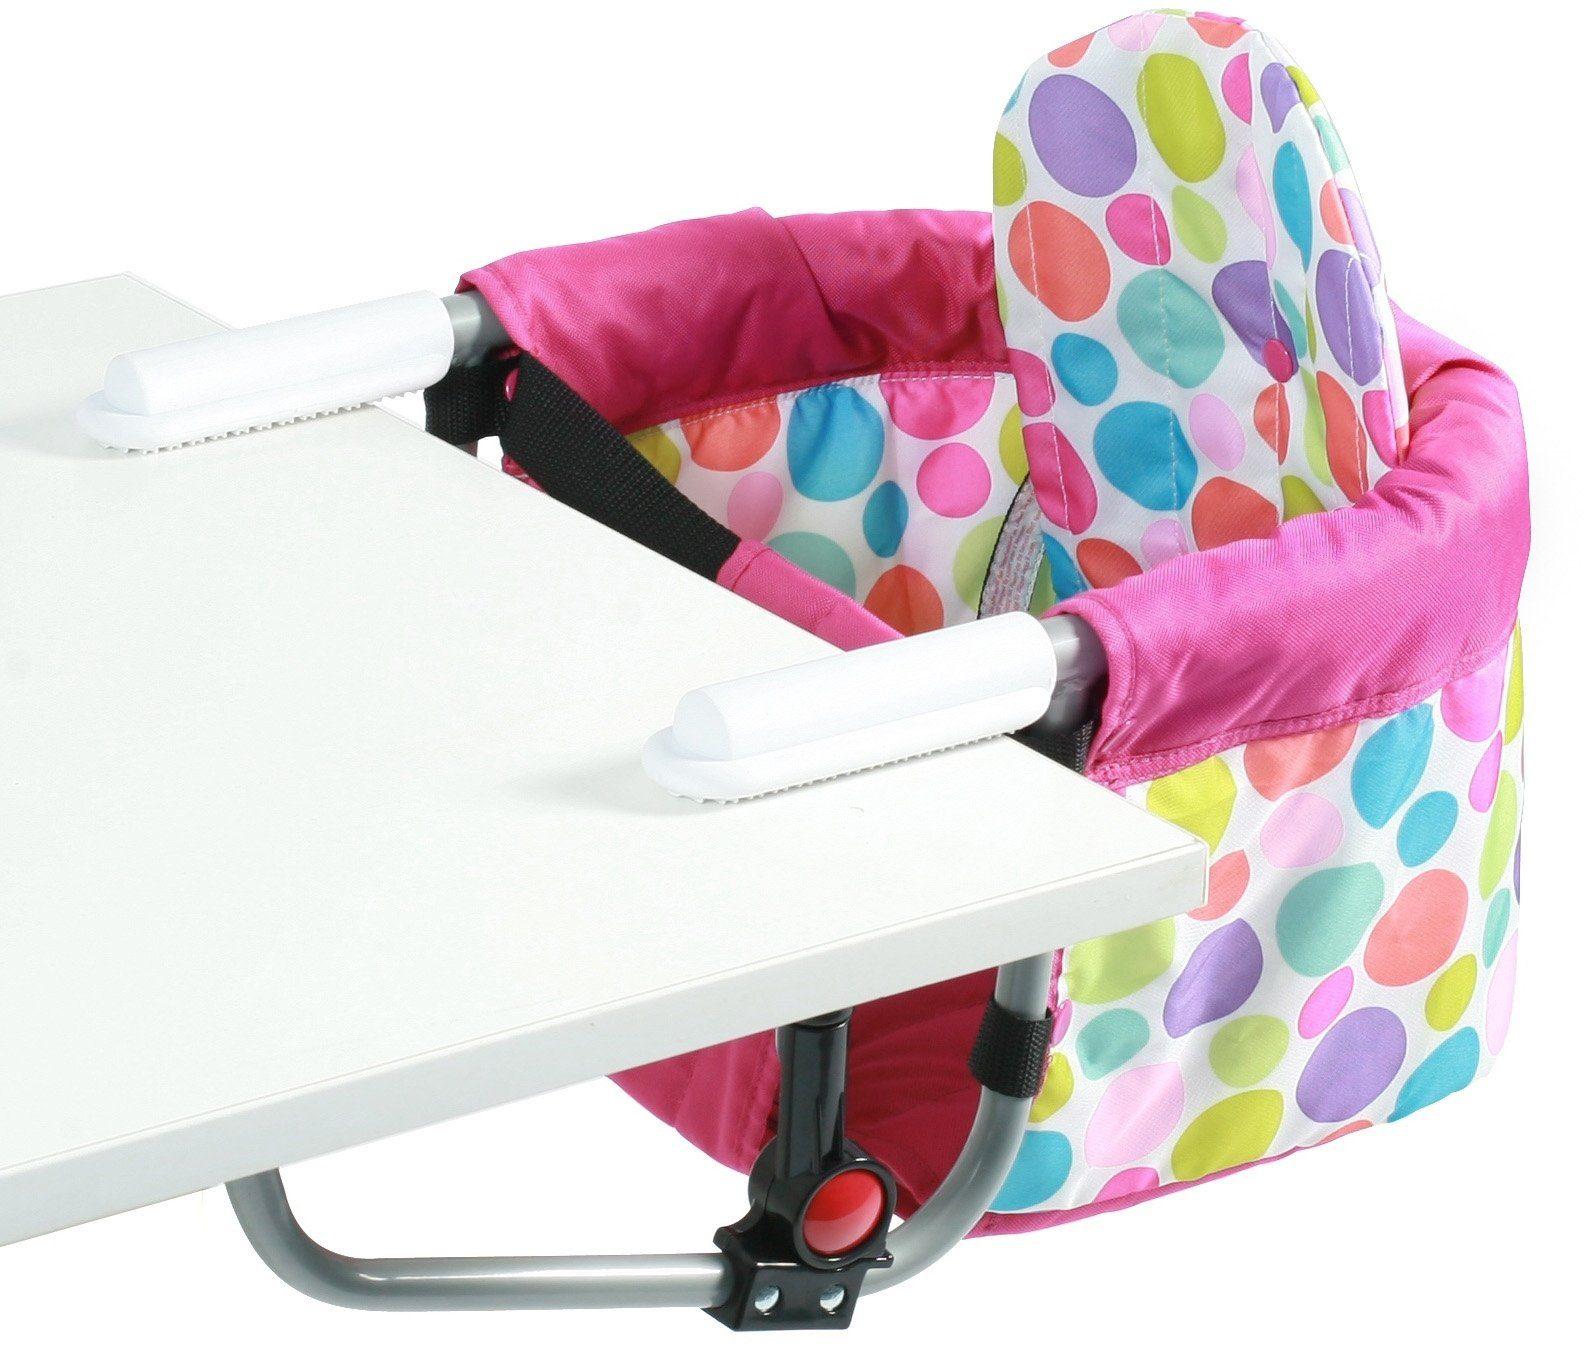 CHIC4BABY Tischsitz mit universellem Befestigungssystem, »Relax pinkybubbles«